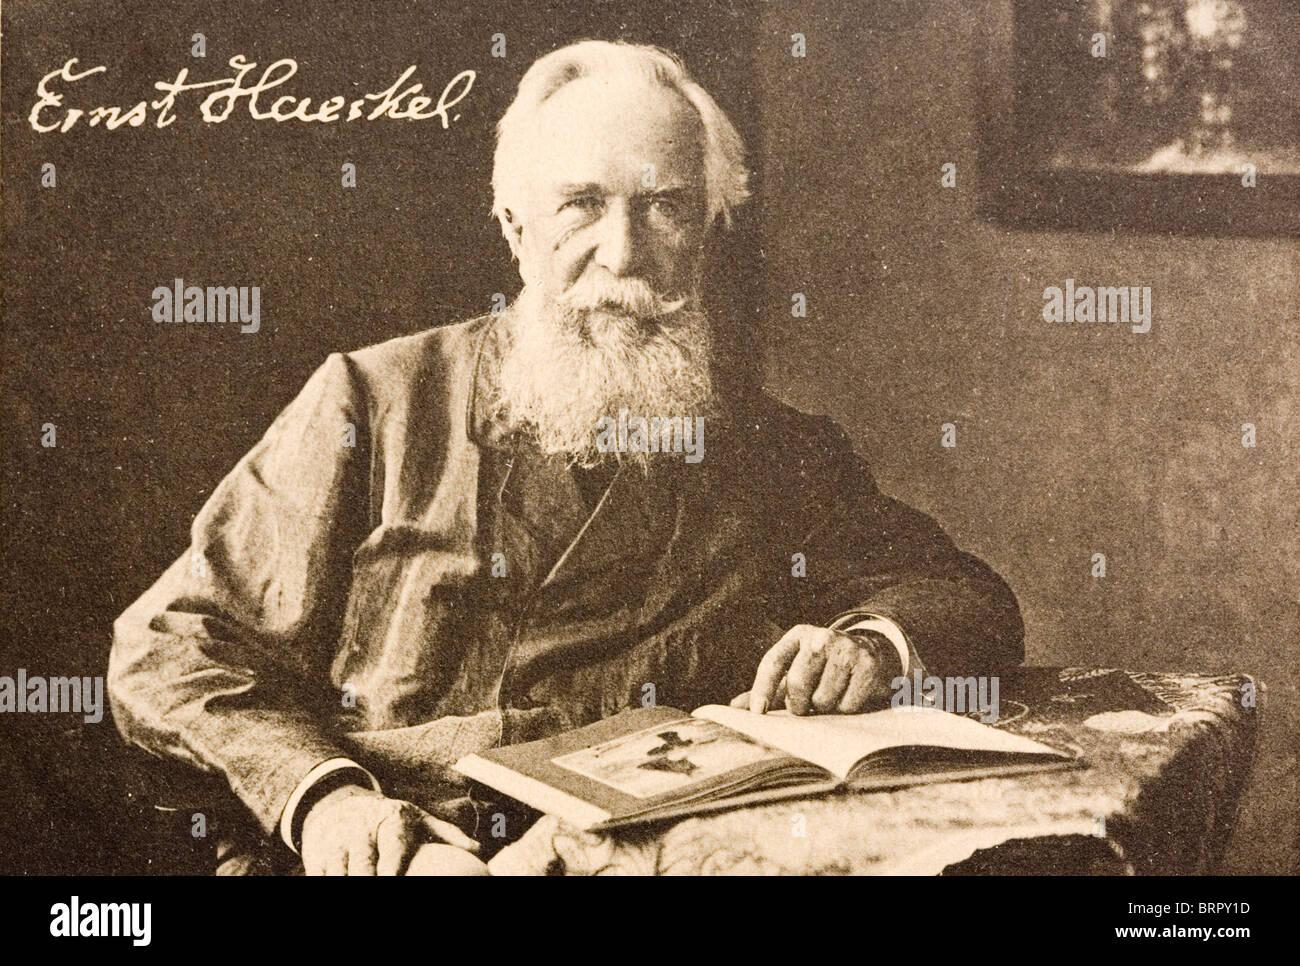 Ernst Heinrich Philipp August Haeckel (1834 – 1919), Evolutionary theorist. - Stock Image